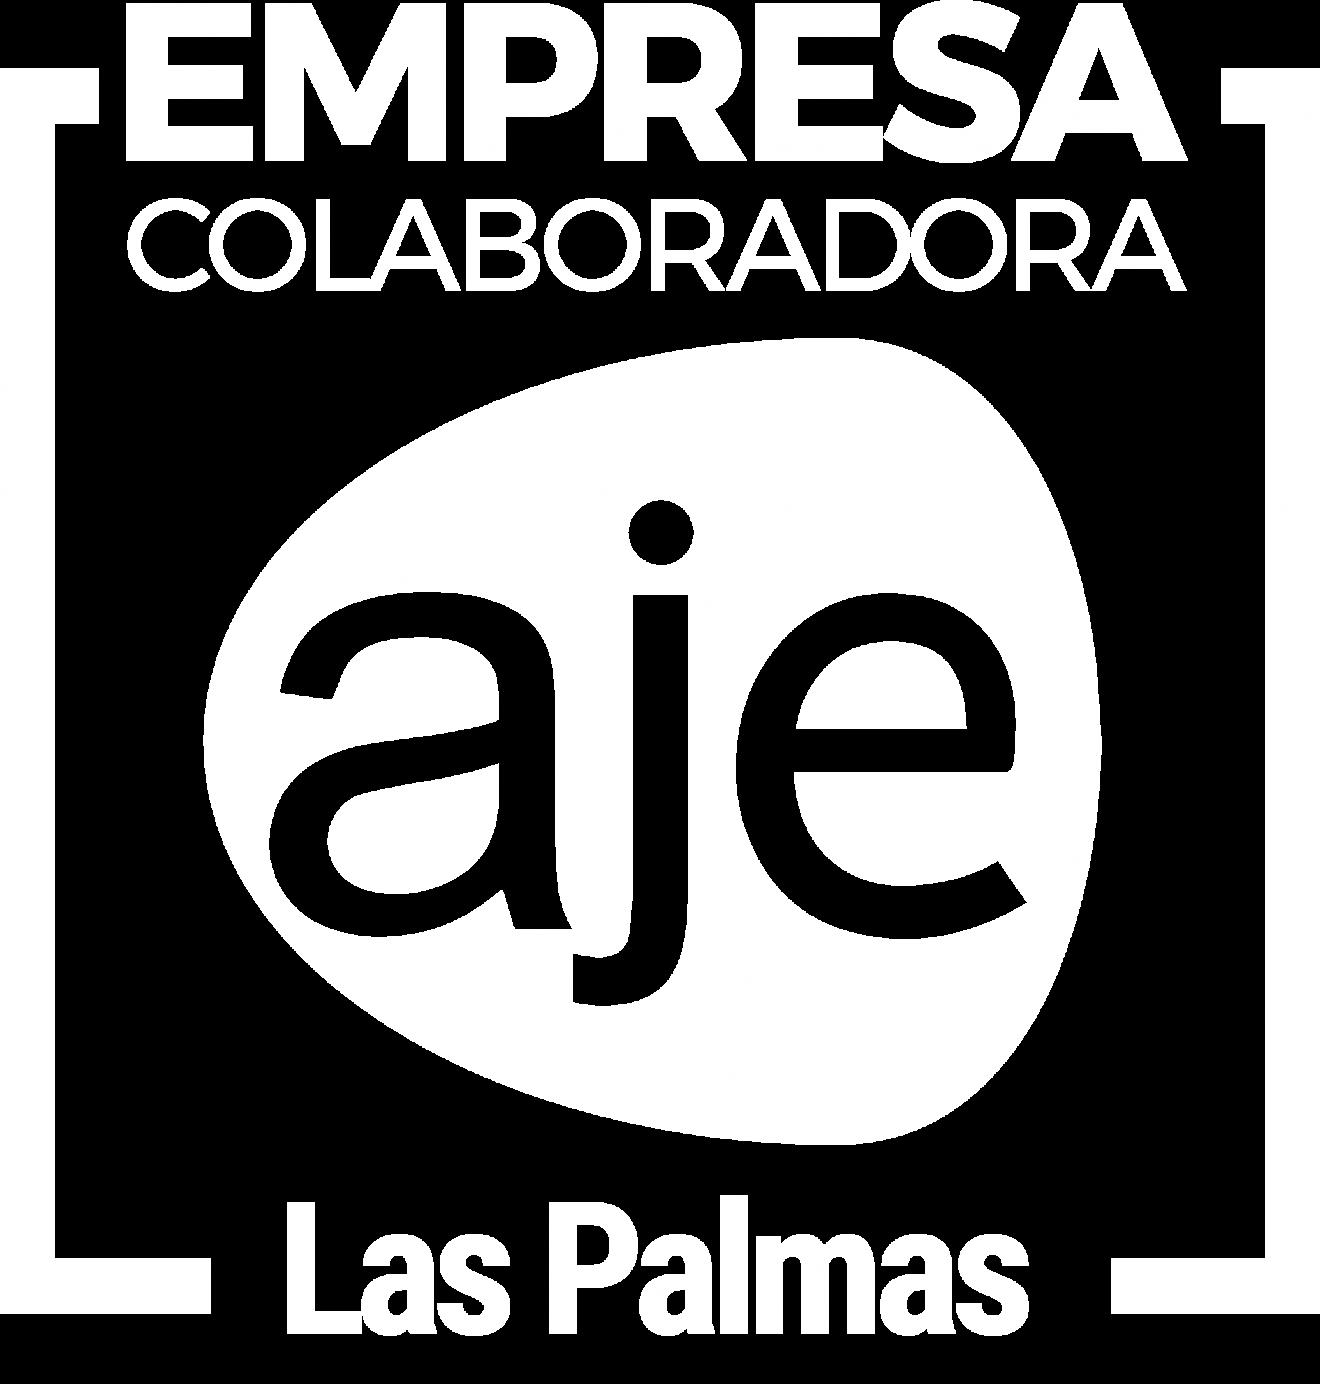 Luminiscente Canarias es colaborador de la Asociación de Jóvenes Empresarios de Las Palmas